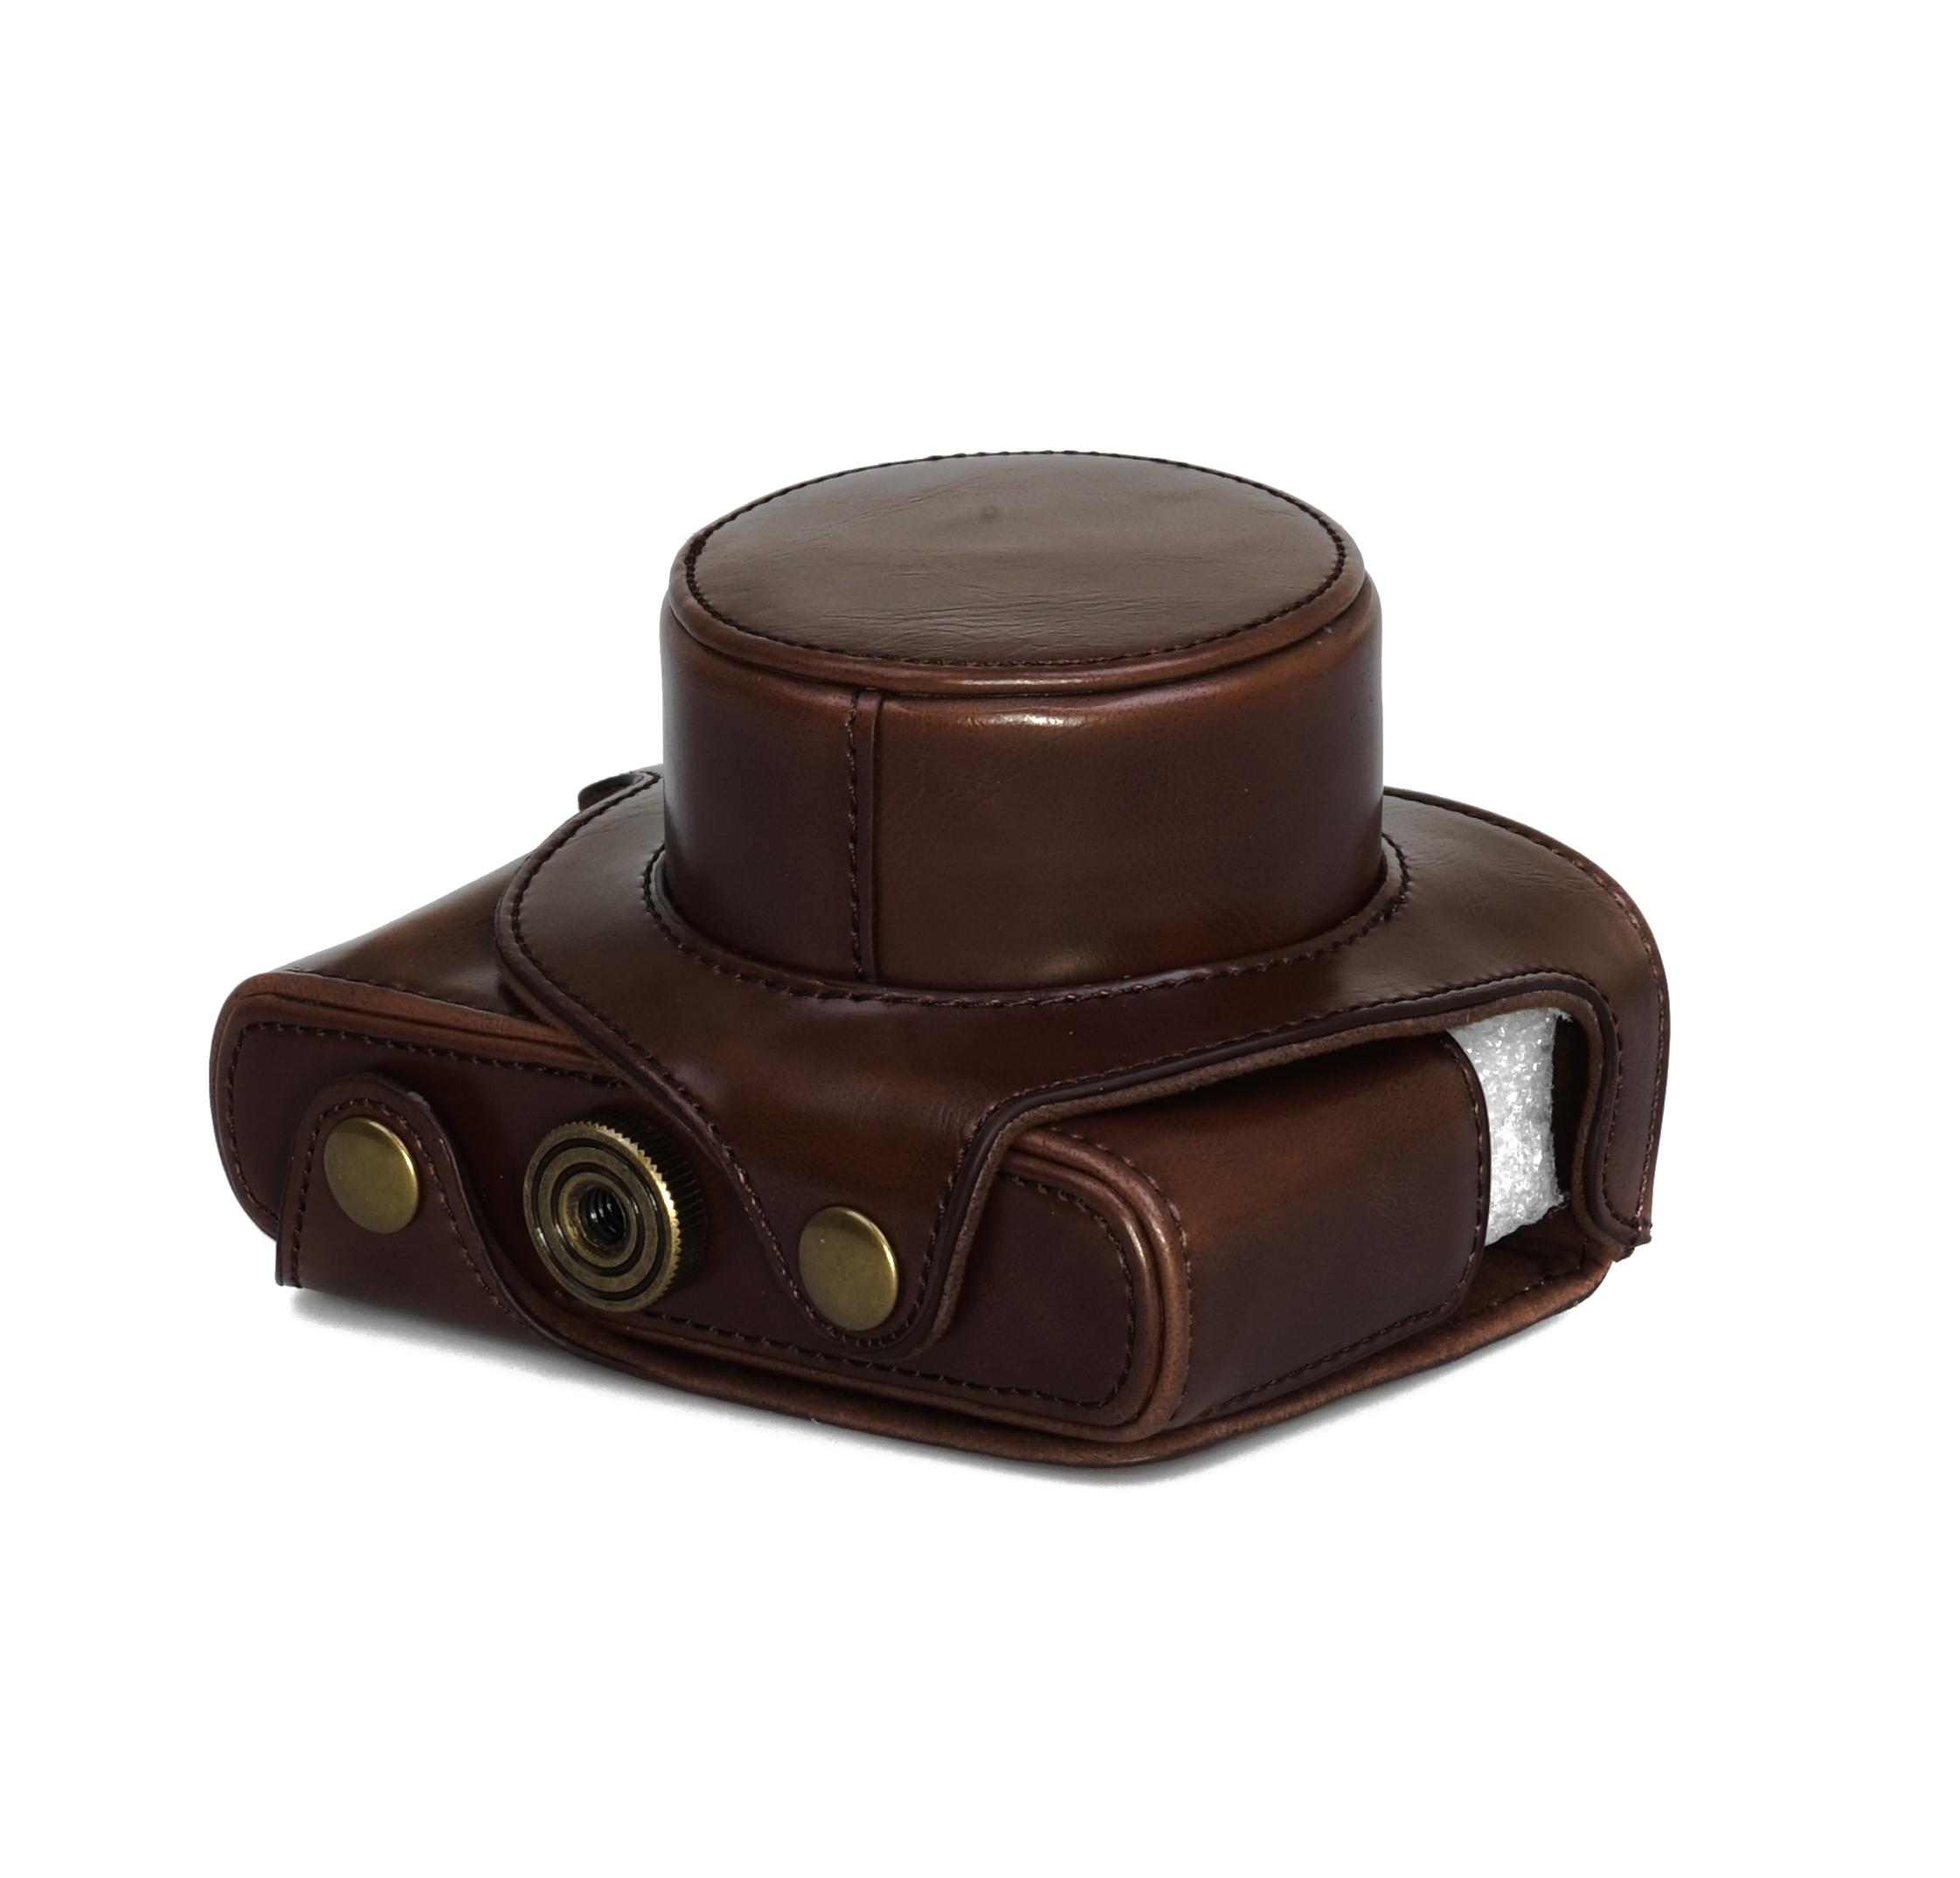 Estuche carcasa para Leica V-Lux tipo 114 piel sintética bolso Coffee cc1282b